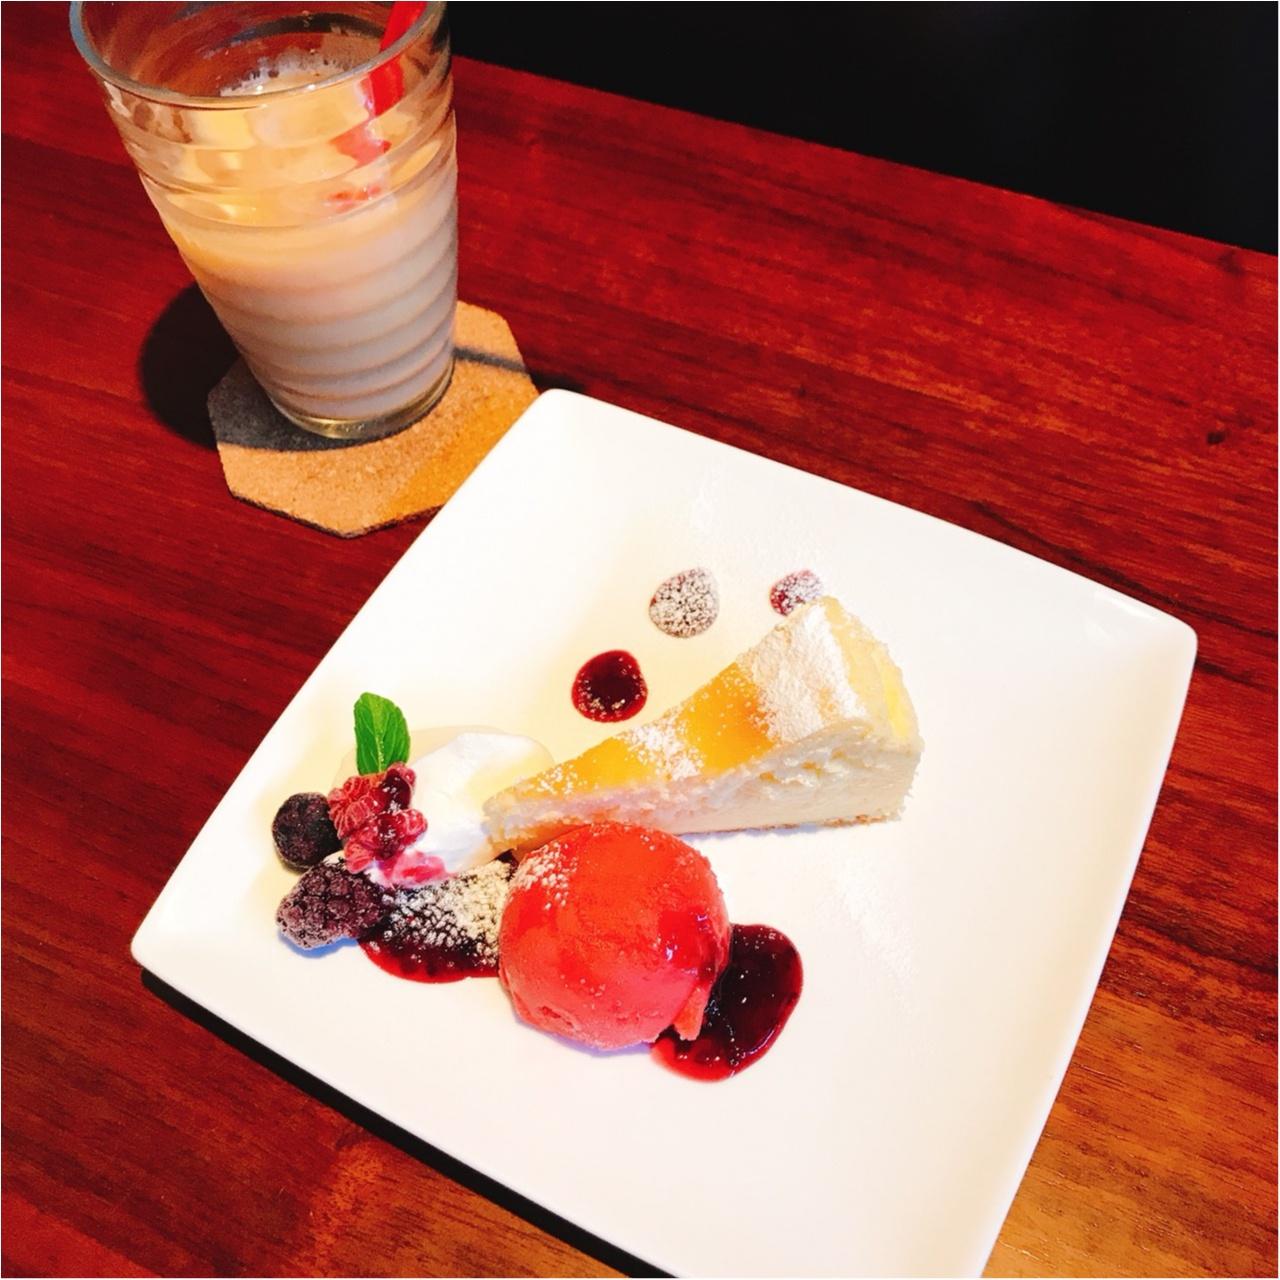 ふんわりと柔らかいフレンチトーストが絶品♡ユニークな外観が特徴の【Cafe ZIKKA】で姉妹会♡_3